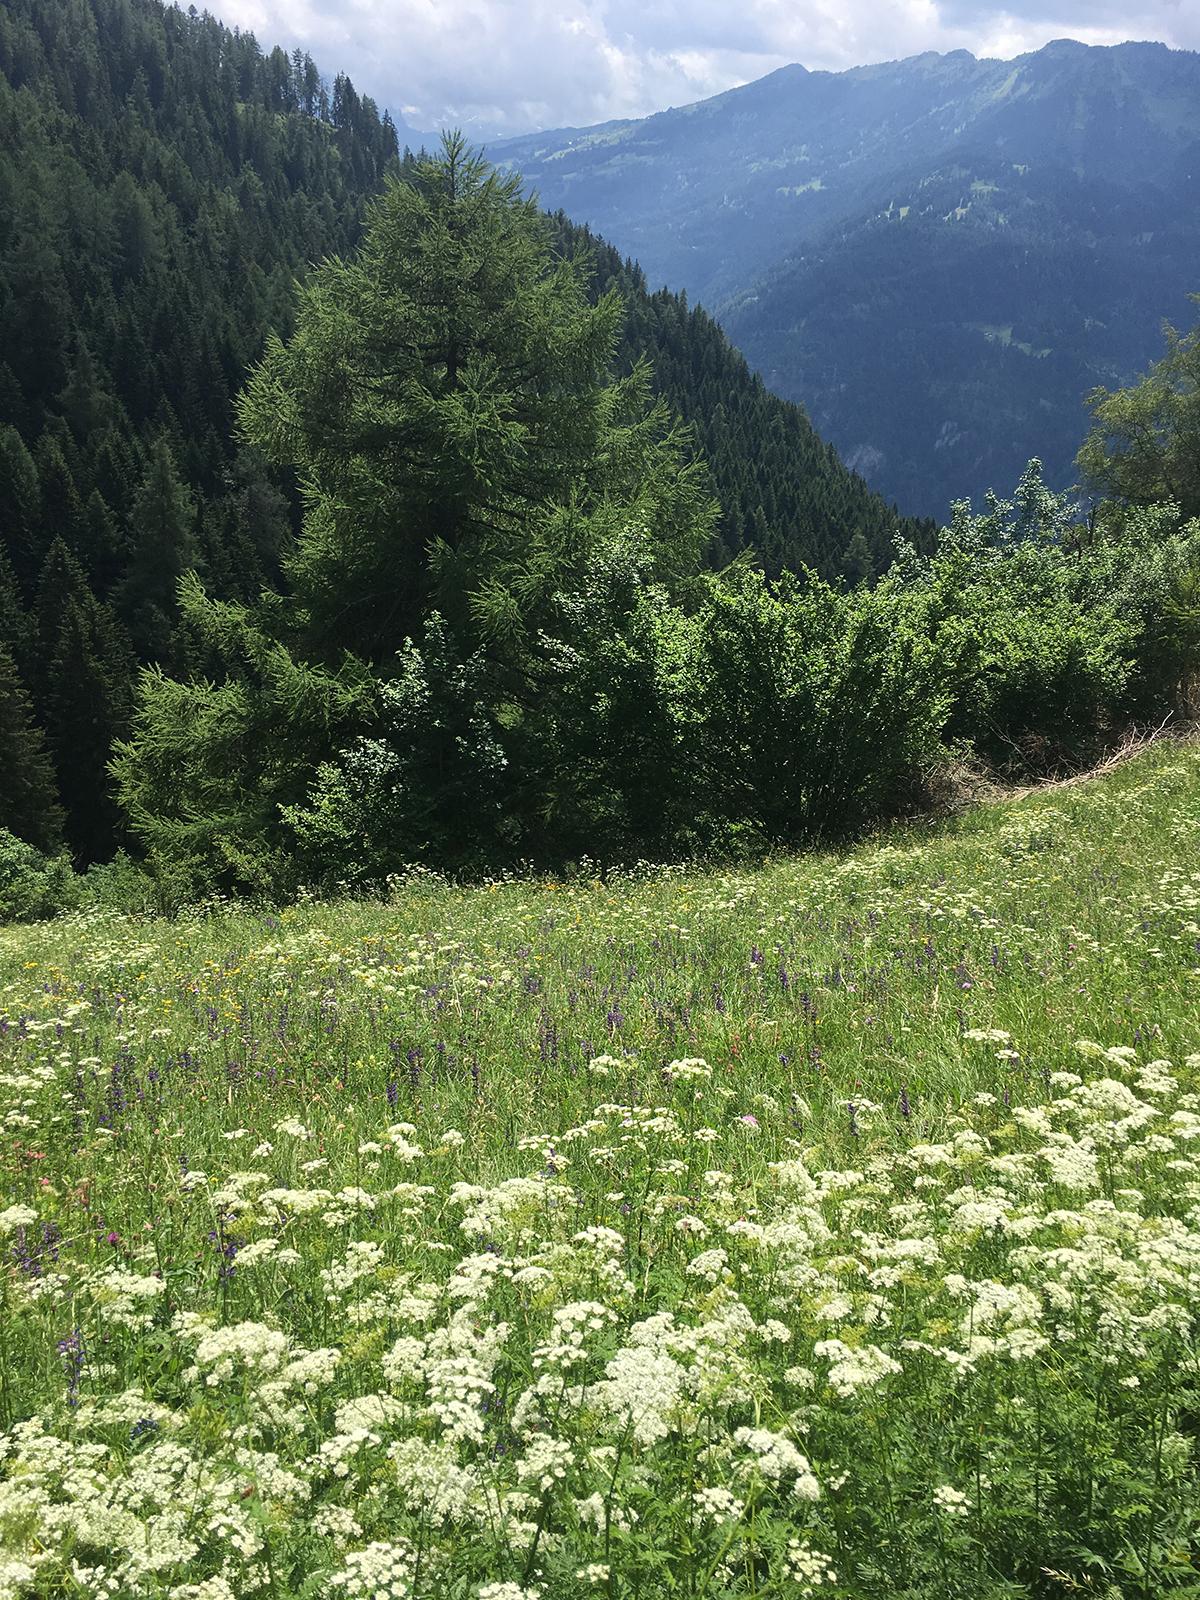 Blumenweg Kräuterwanderung Feldis (Graubünden)